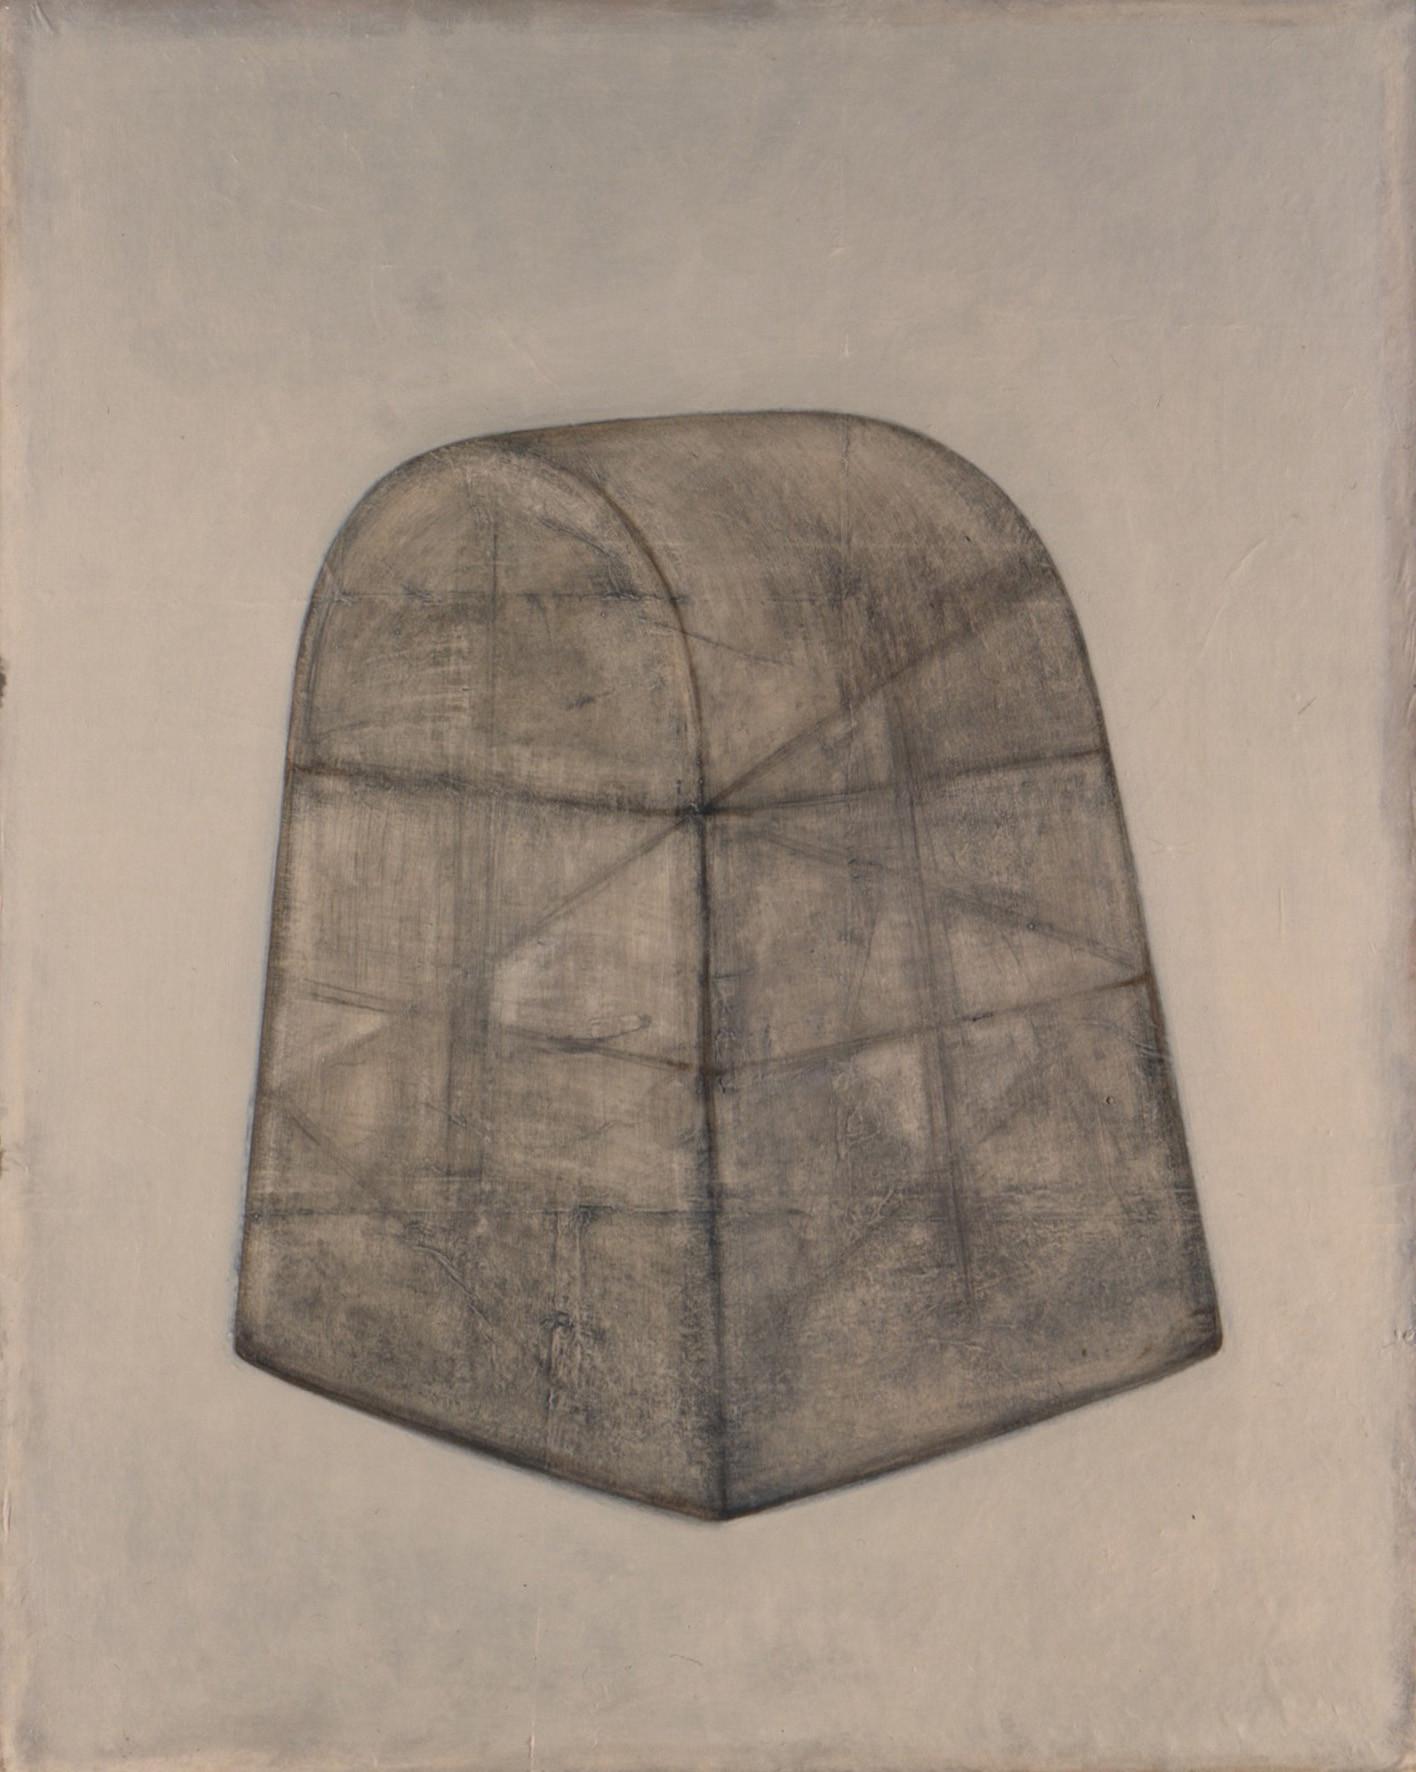 Senza titolo, 2000, olio e pastello su tela, cm 150 x 120